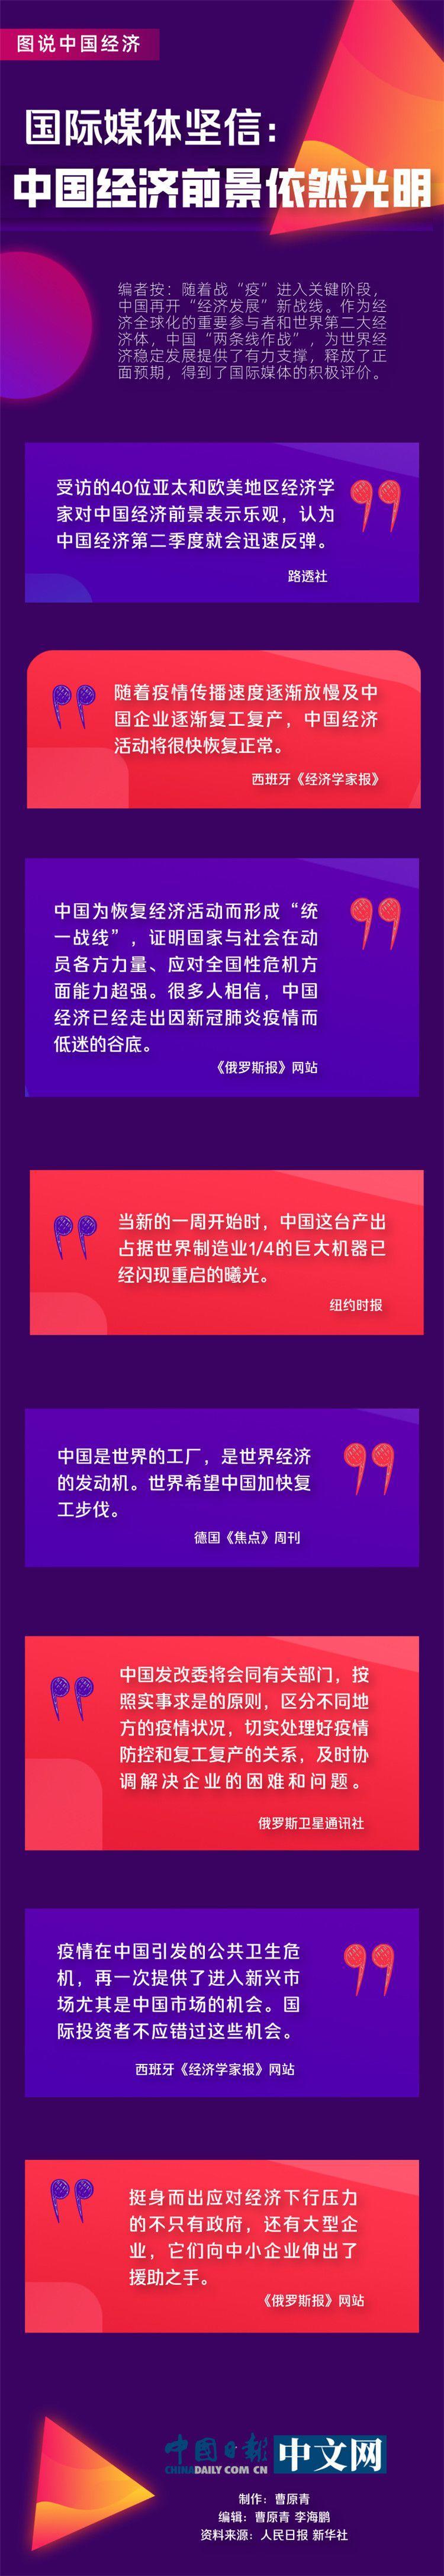 国际媒体坚信:中国经济前景依然光明